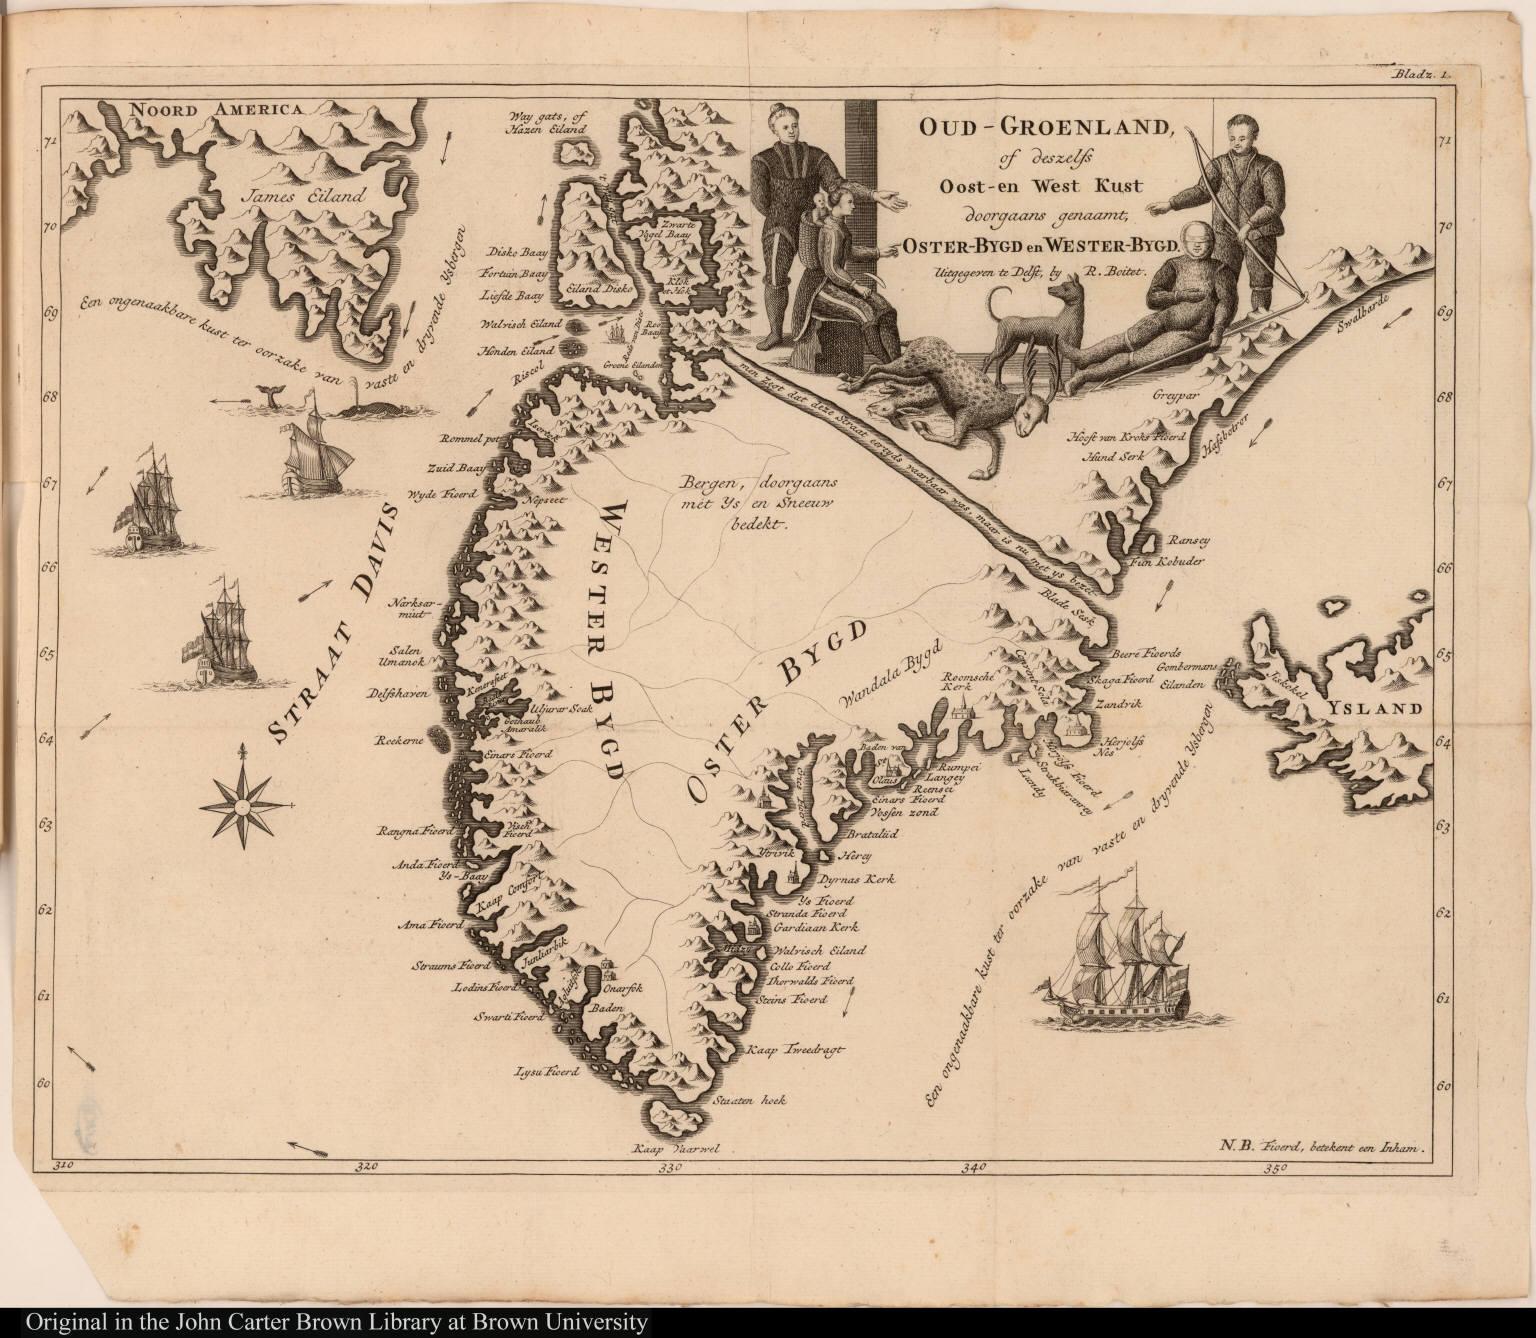 Oud-Groenland, of deszelfs Oost-en West Kust doorgaans genaamt, Oster-Bygd en Wester-Bygd.